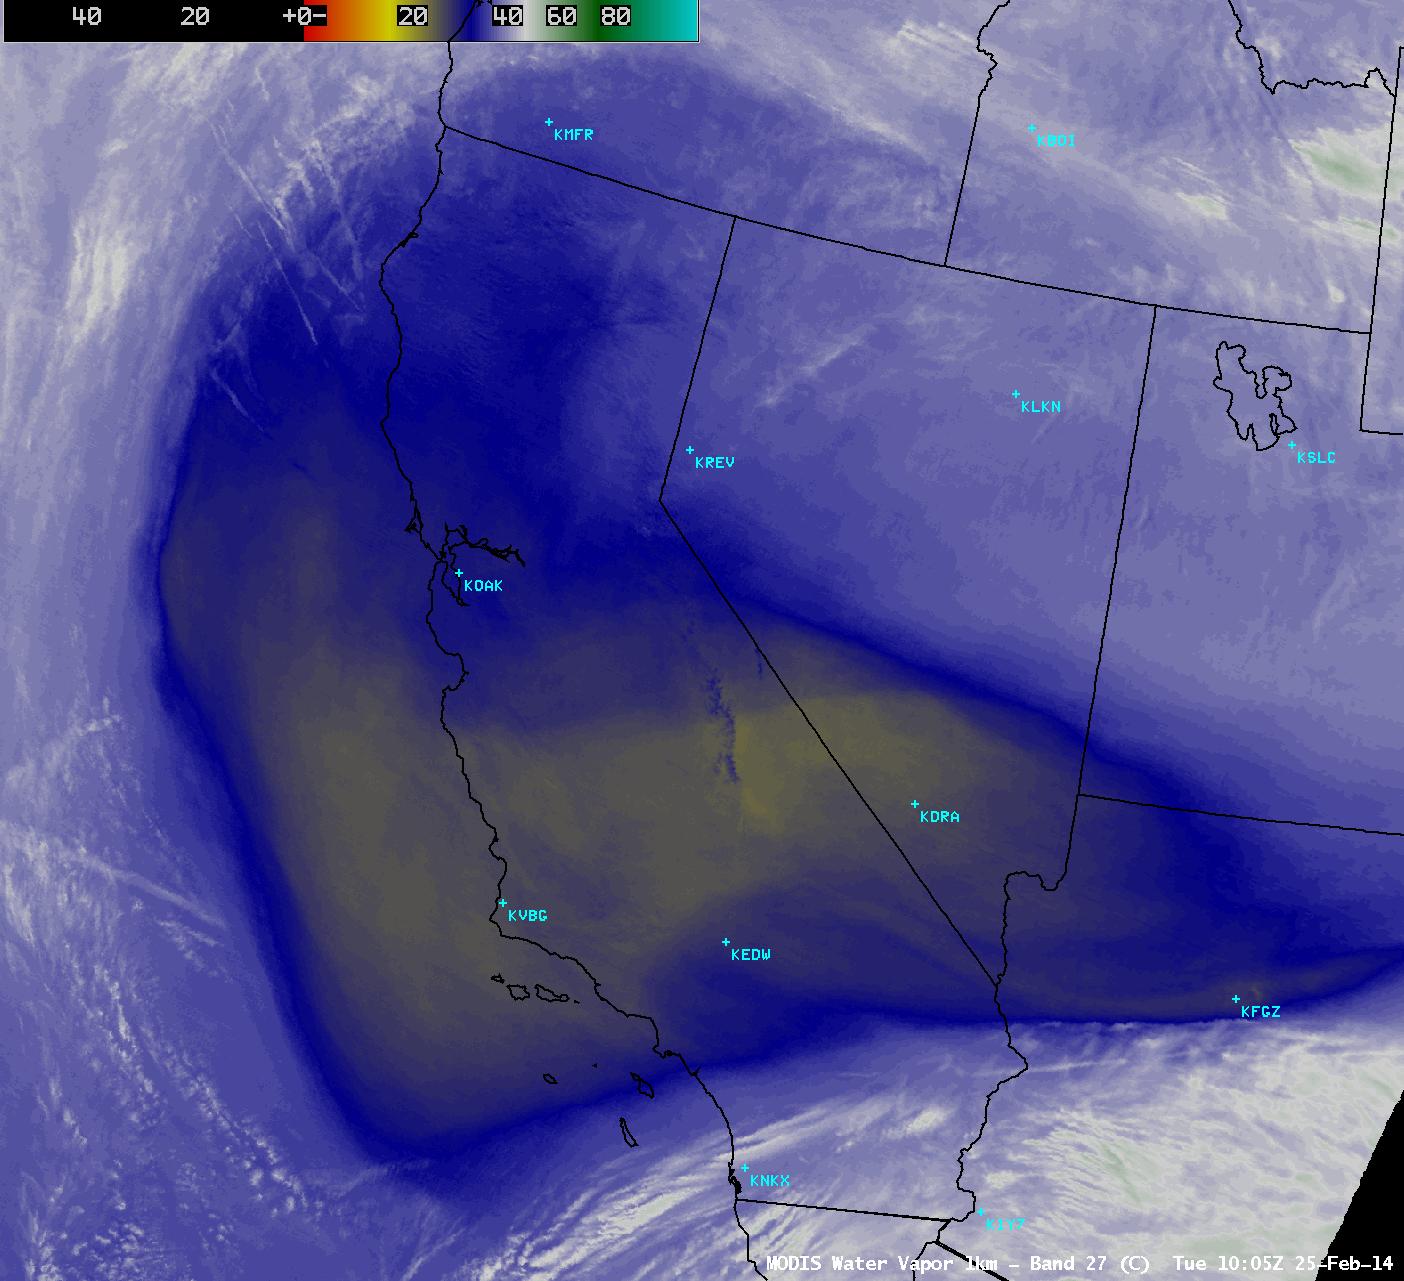 MODIS 6.7 µm water vapor channel image